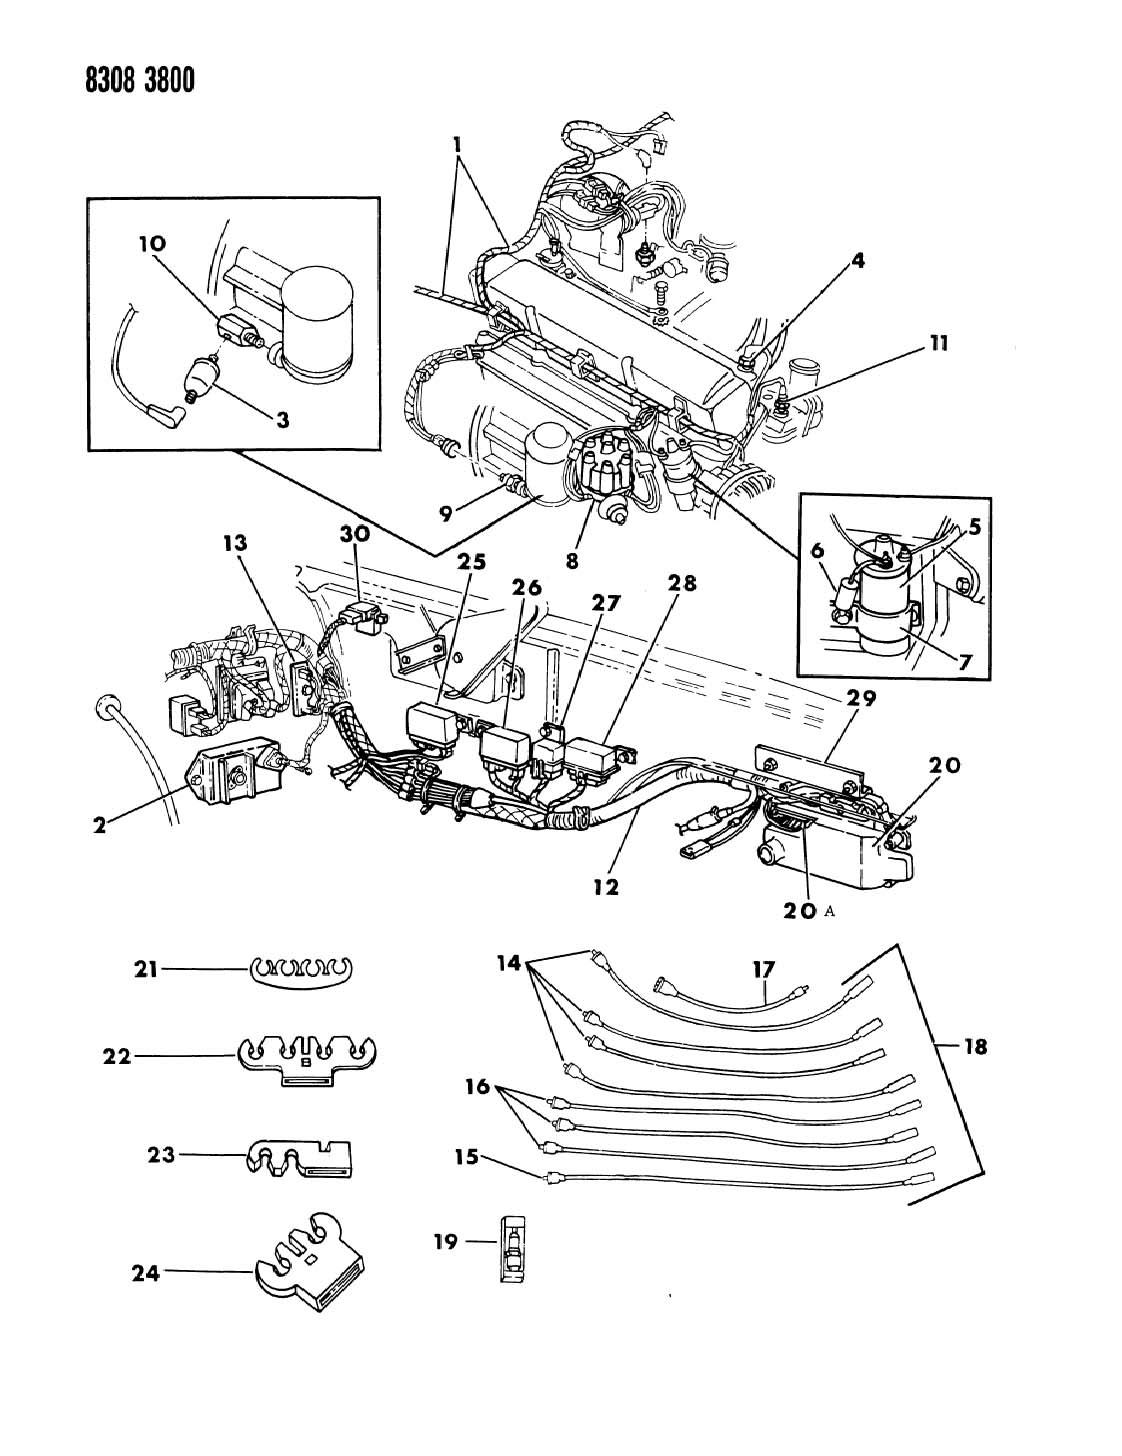 88 chevy truck engine wiring schematic  88  get free image